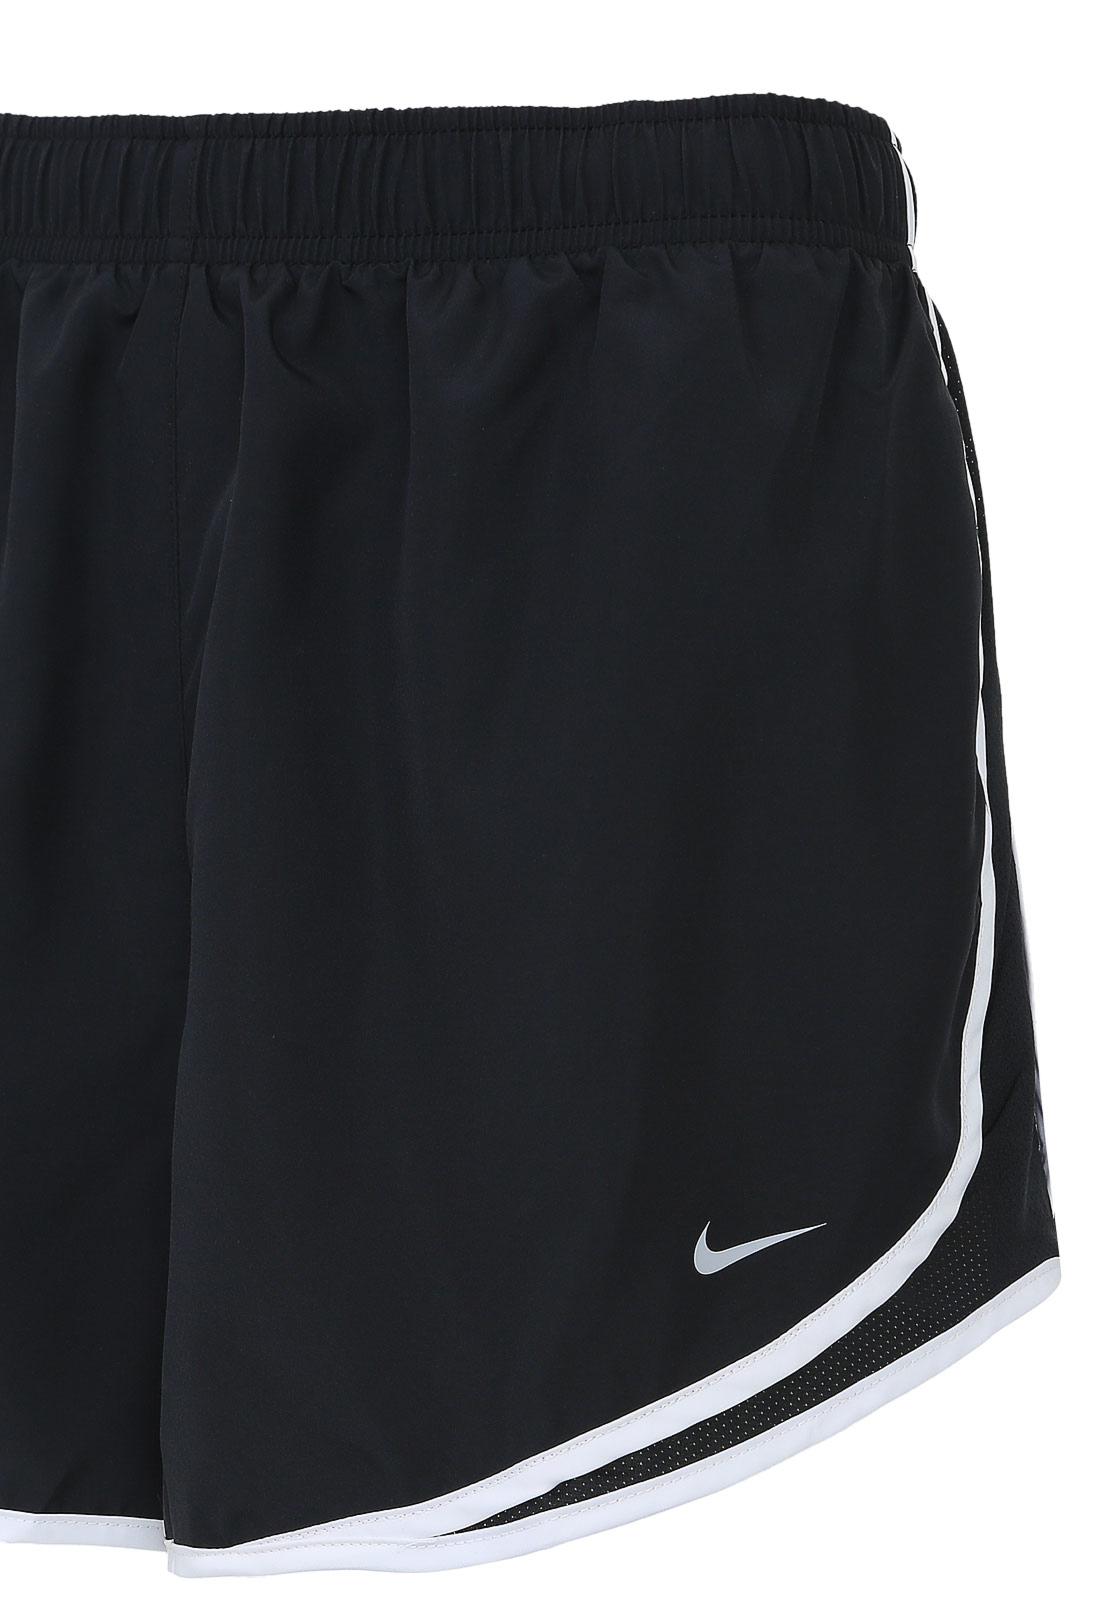 Short Nike Feminino Running Plus Size 3